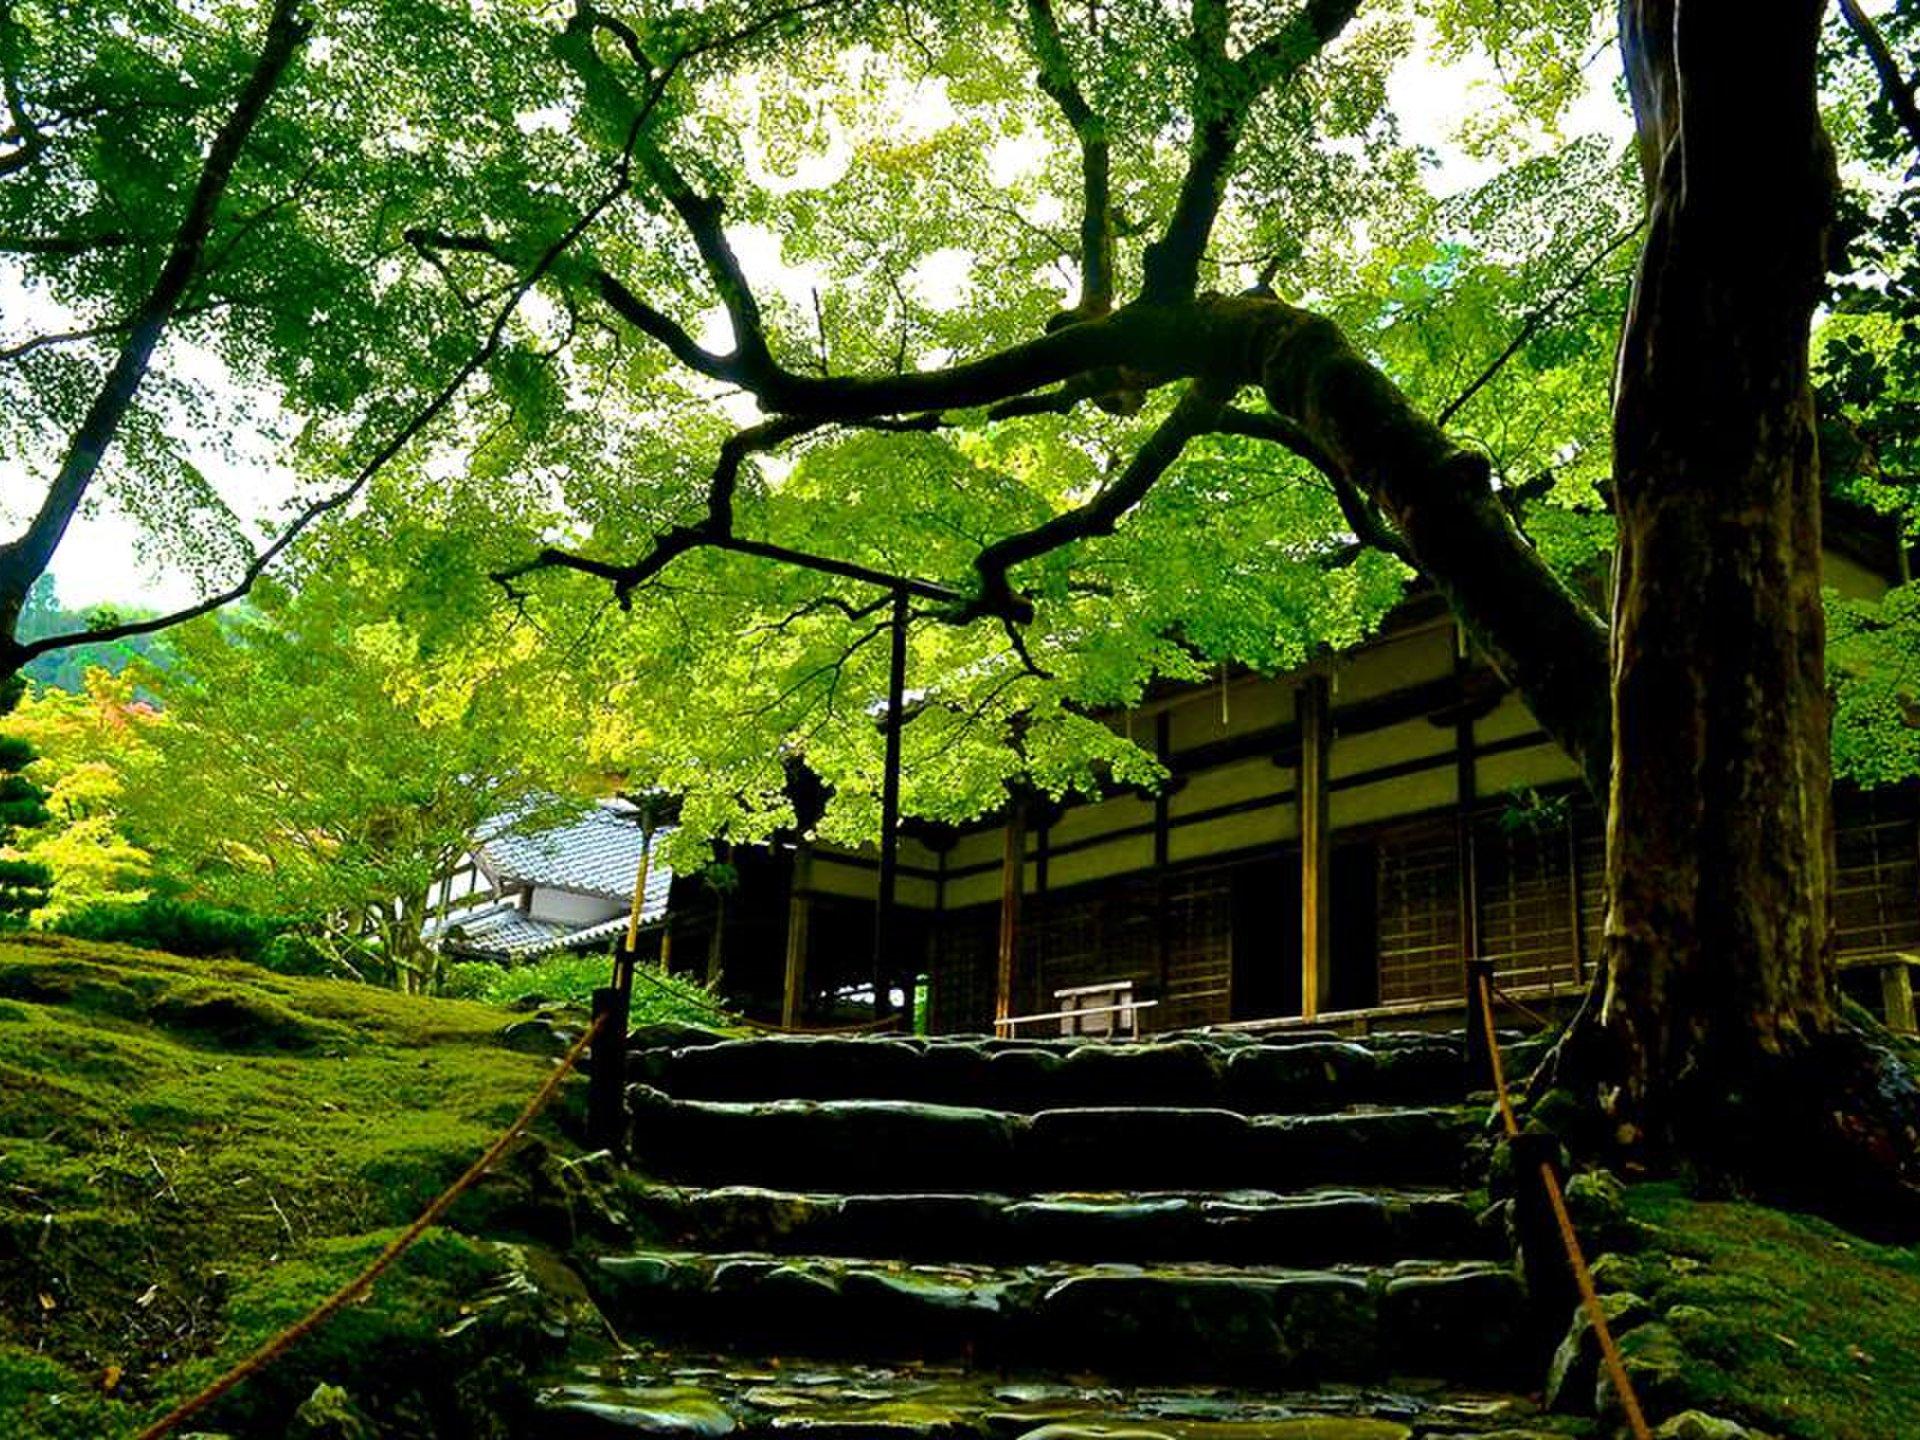 観光旅行で行きたい関西♪近畿地方にある世界遺産を紹介します!